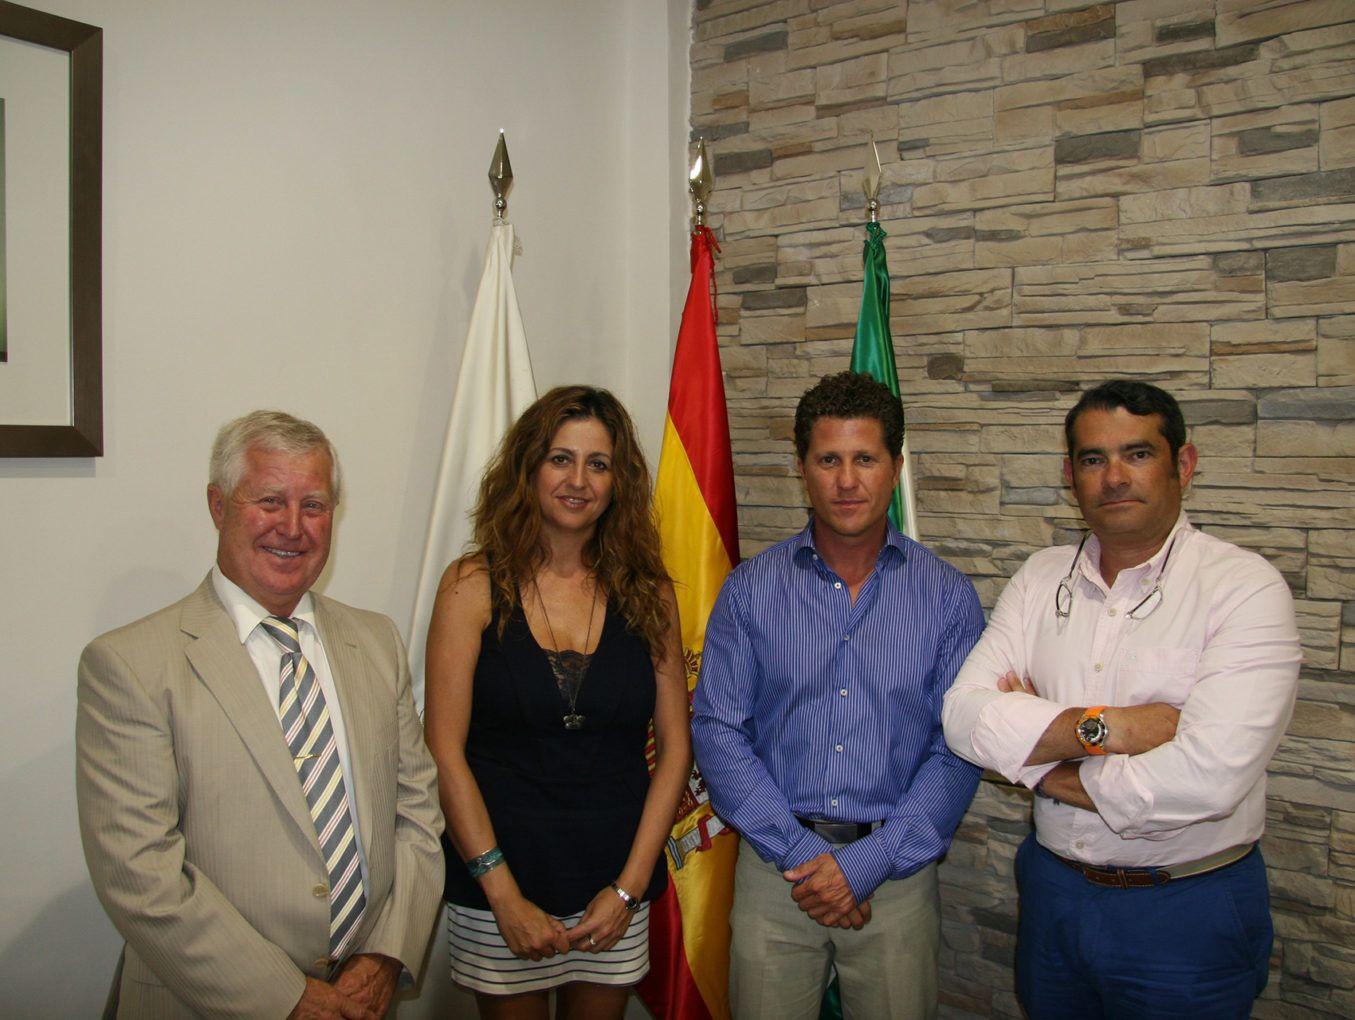 Firma de convenio entre Rodriguez Ros y el Ilustre Colegio de Administradores de fincas de Malaga y Melilla.